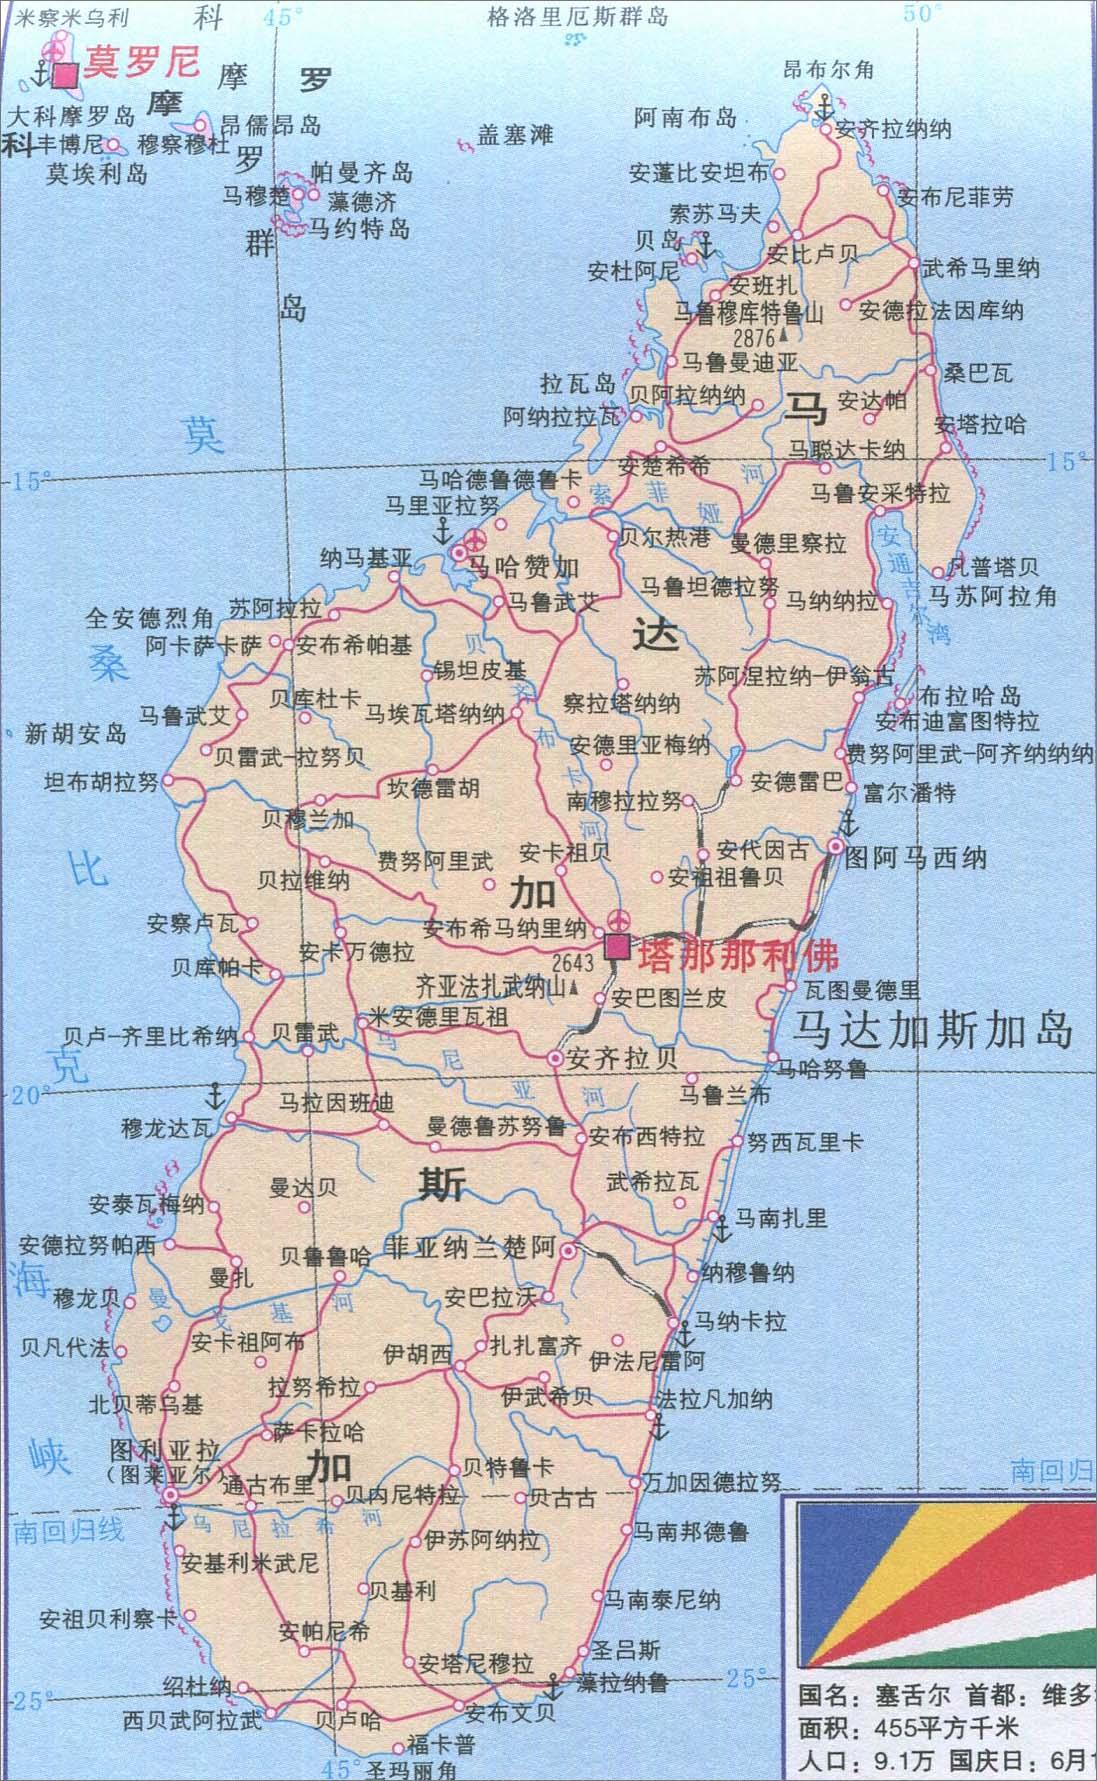 马达加斯加旅游地图_马达加斯加地图库